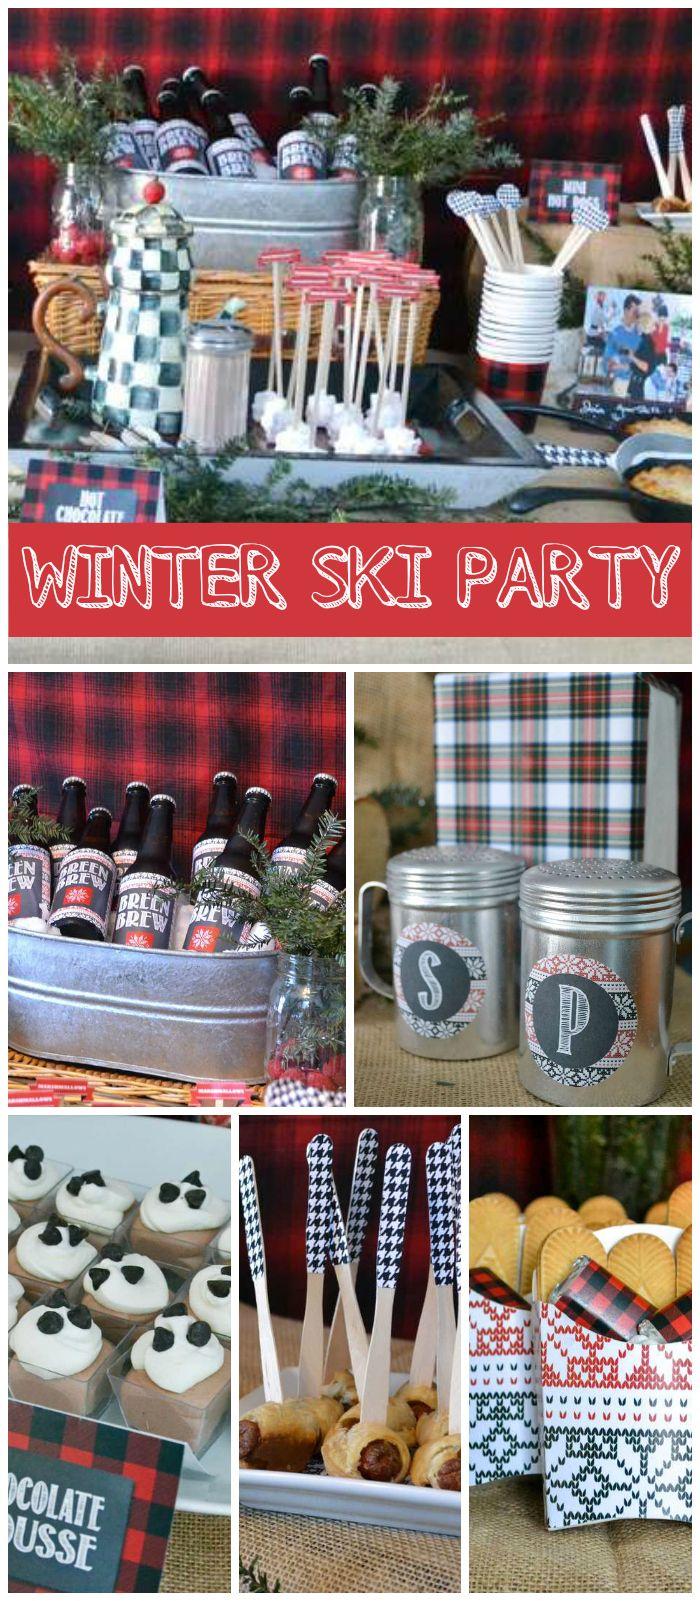 die besten 25 apres ski party ideen auf pinterest weihnachtsfotokabine requisiten ski. Black Bedroom Furniture Sets. Home Design Ideas